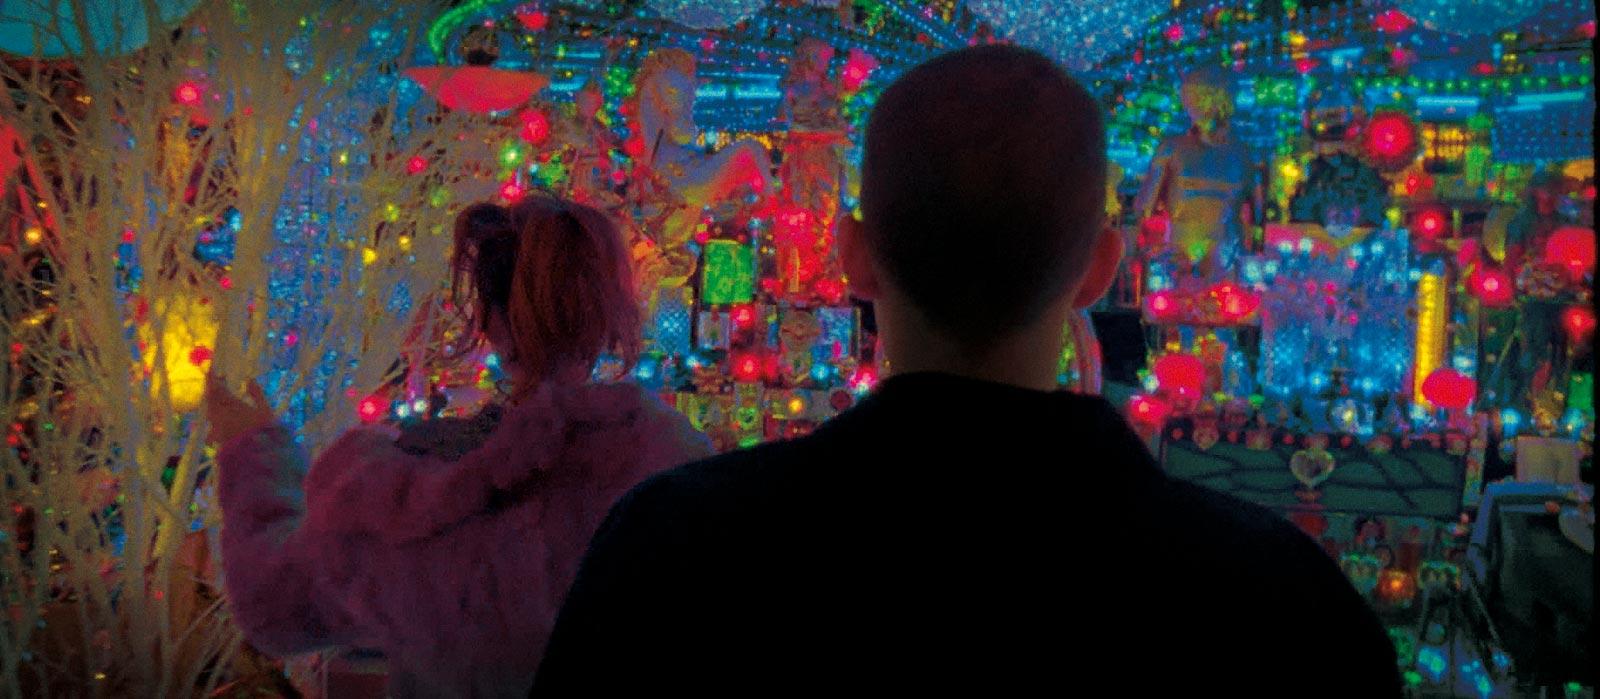 Thursday 13.12.18. – 8:30pm: Enter the Void | A Gaspar Noé Film